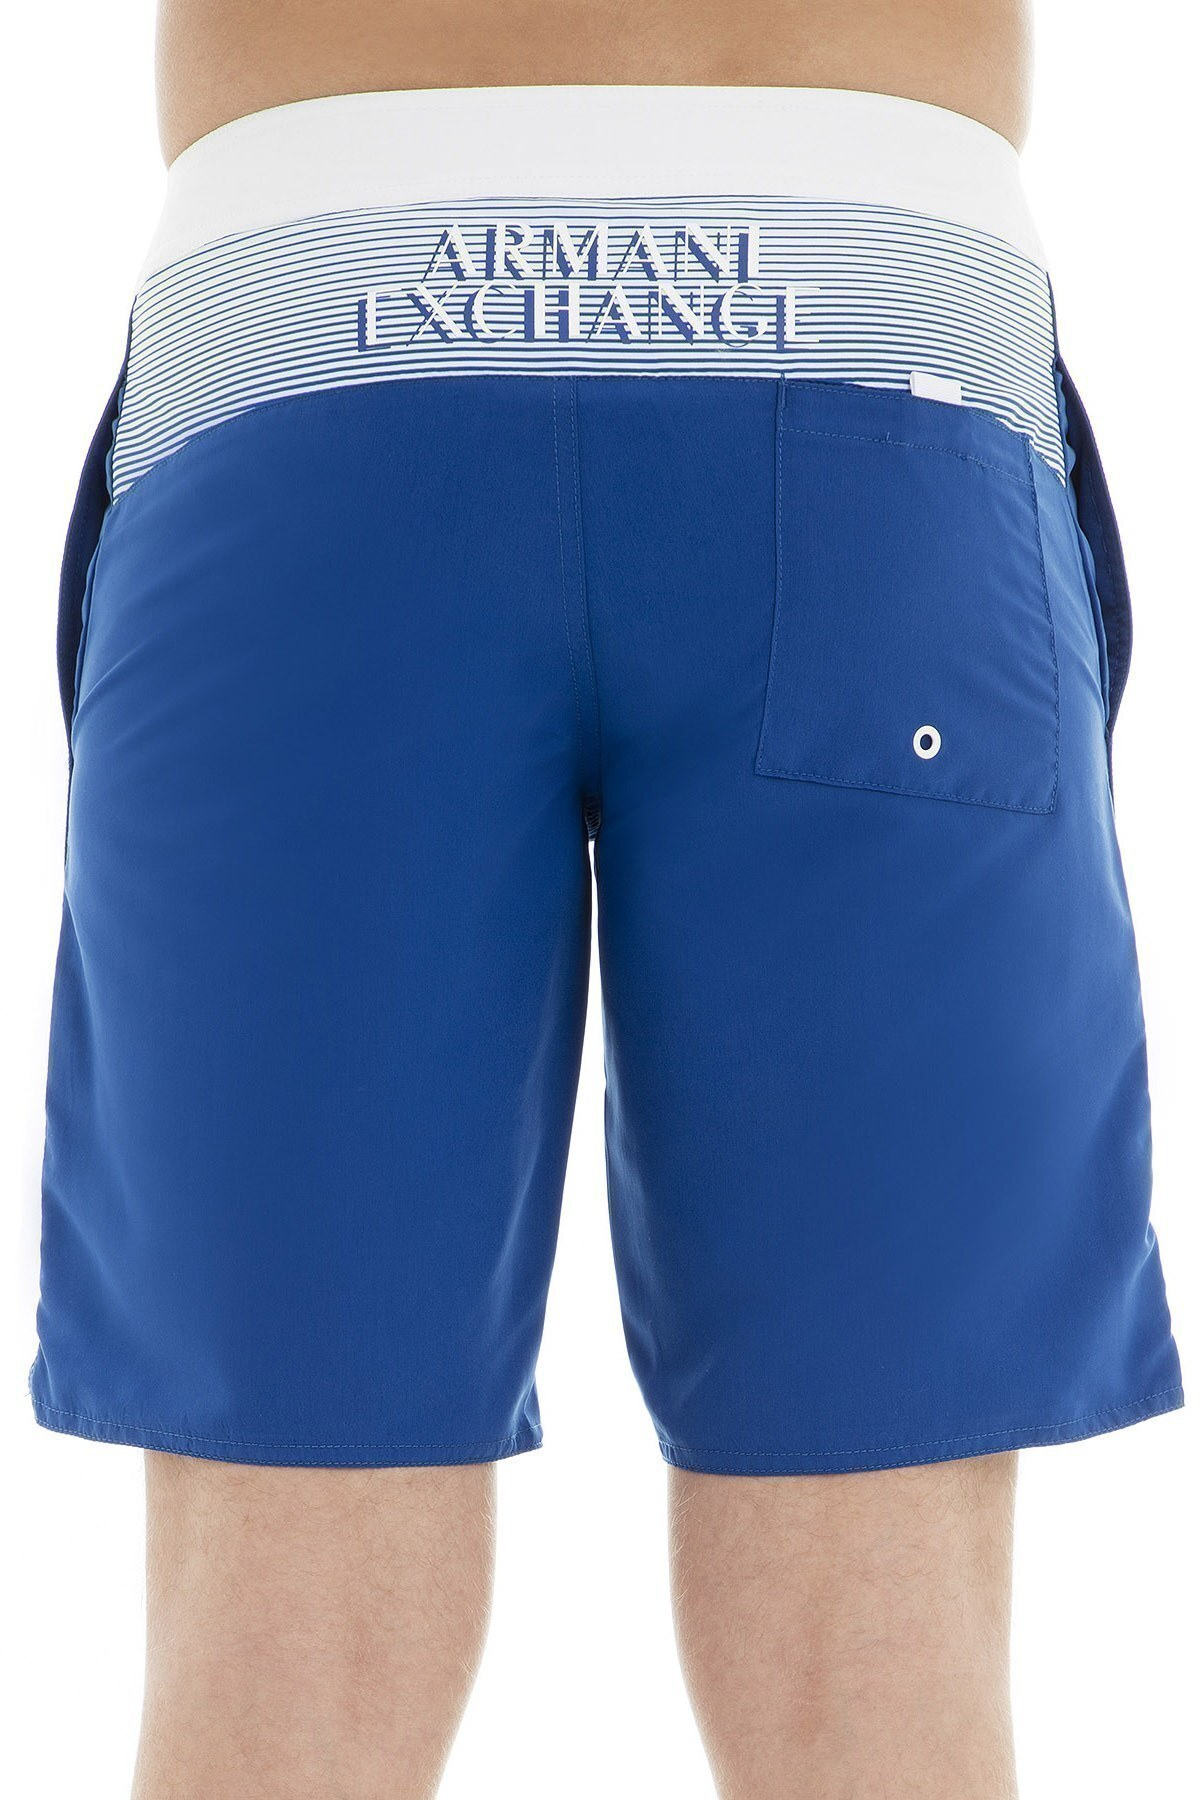 Armani Exchange Erkek Mayo Short 953003 9P602 00135 SAKS